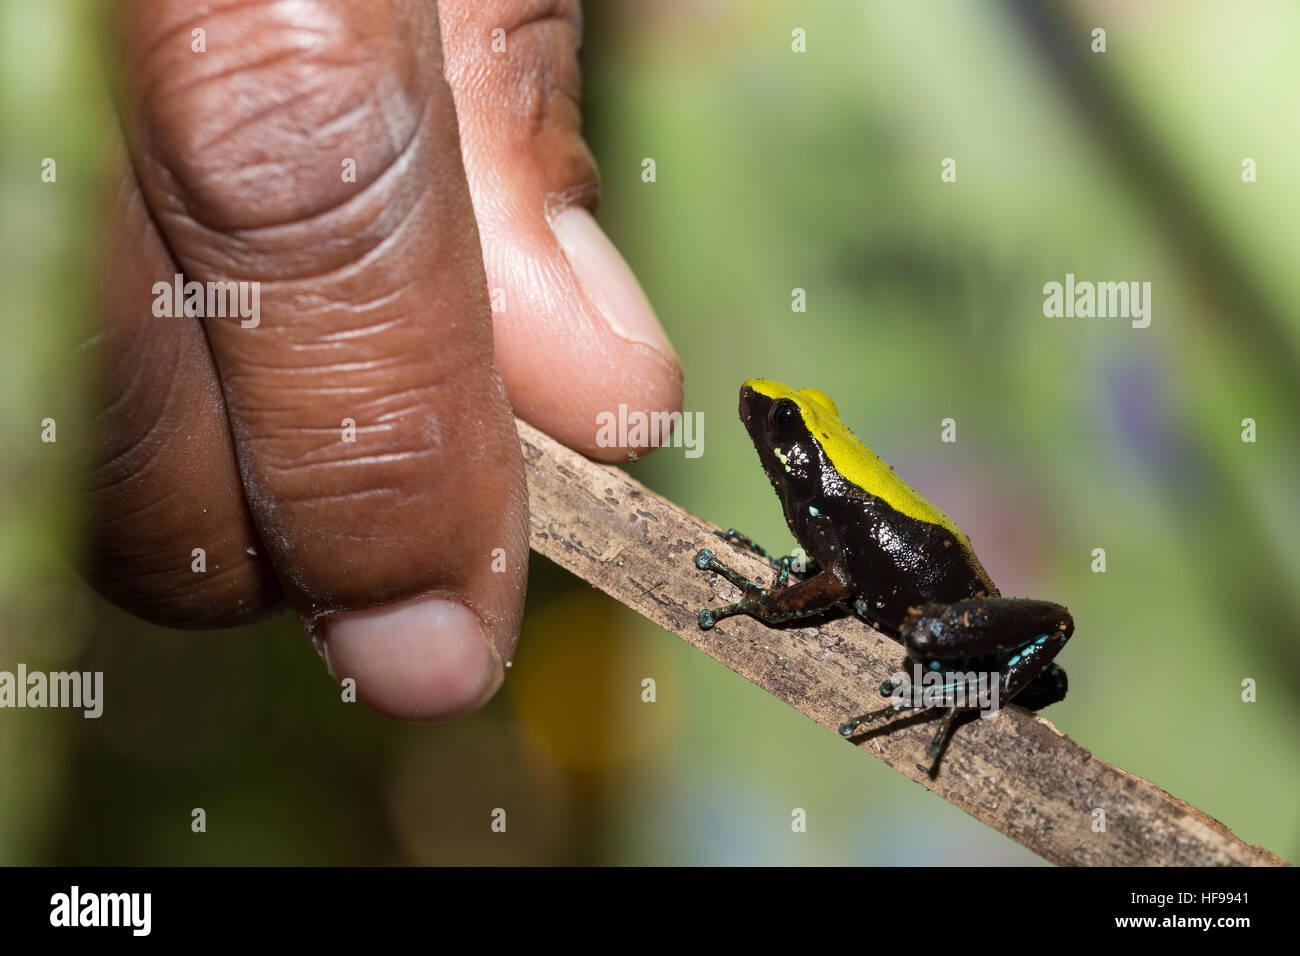 Bellissimo piccolo endemica in bianco e nero e giallo arrampicata rana Mantella (Mantella laevigata), specie di Immagini Stock